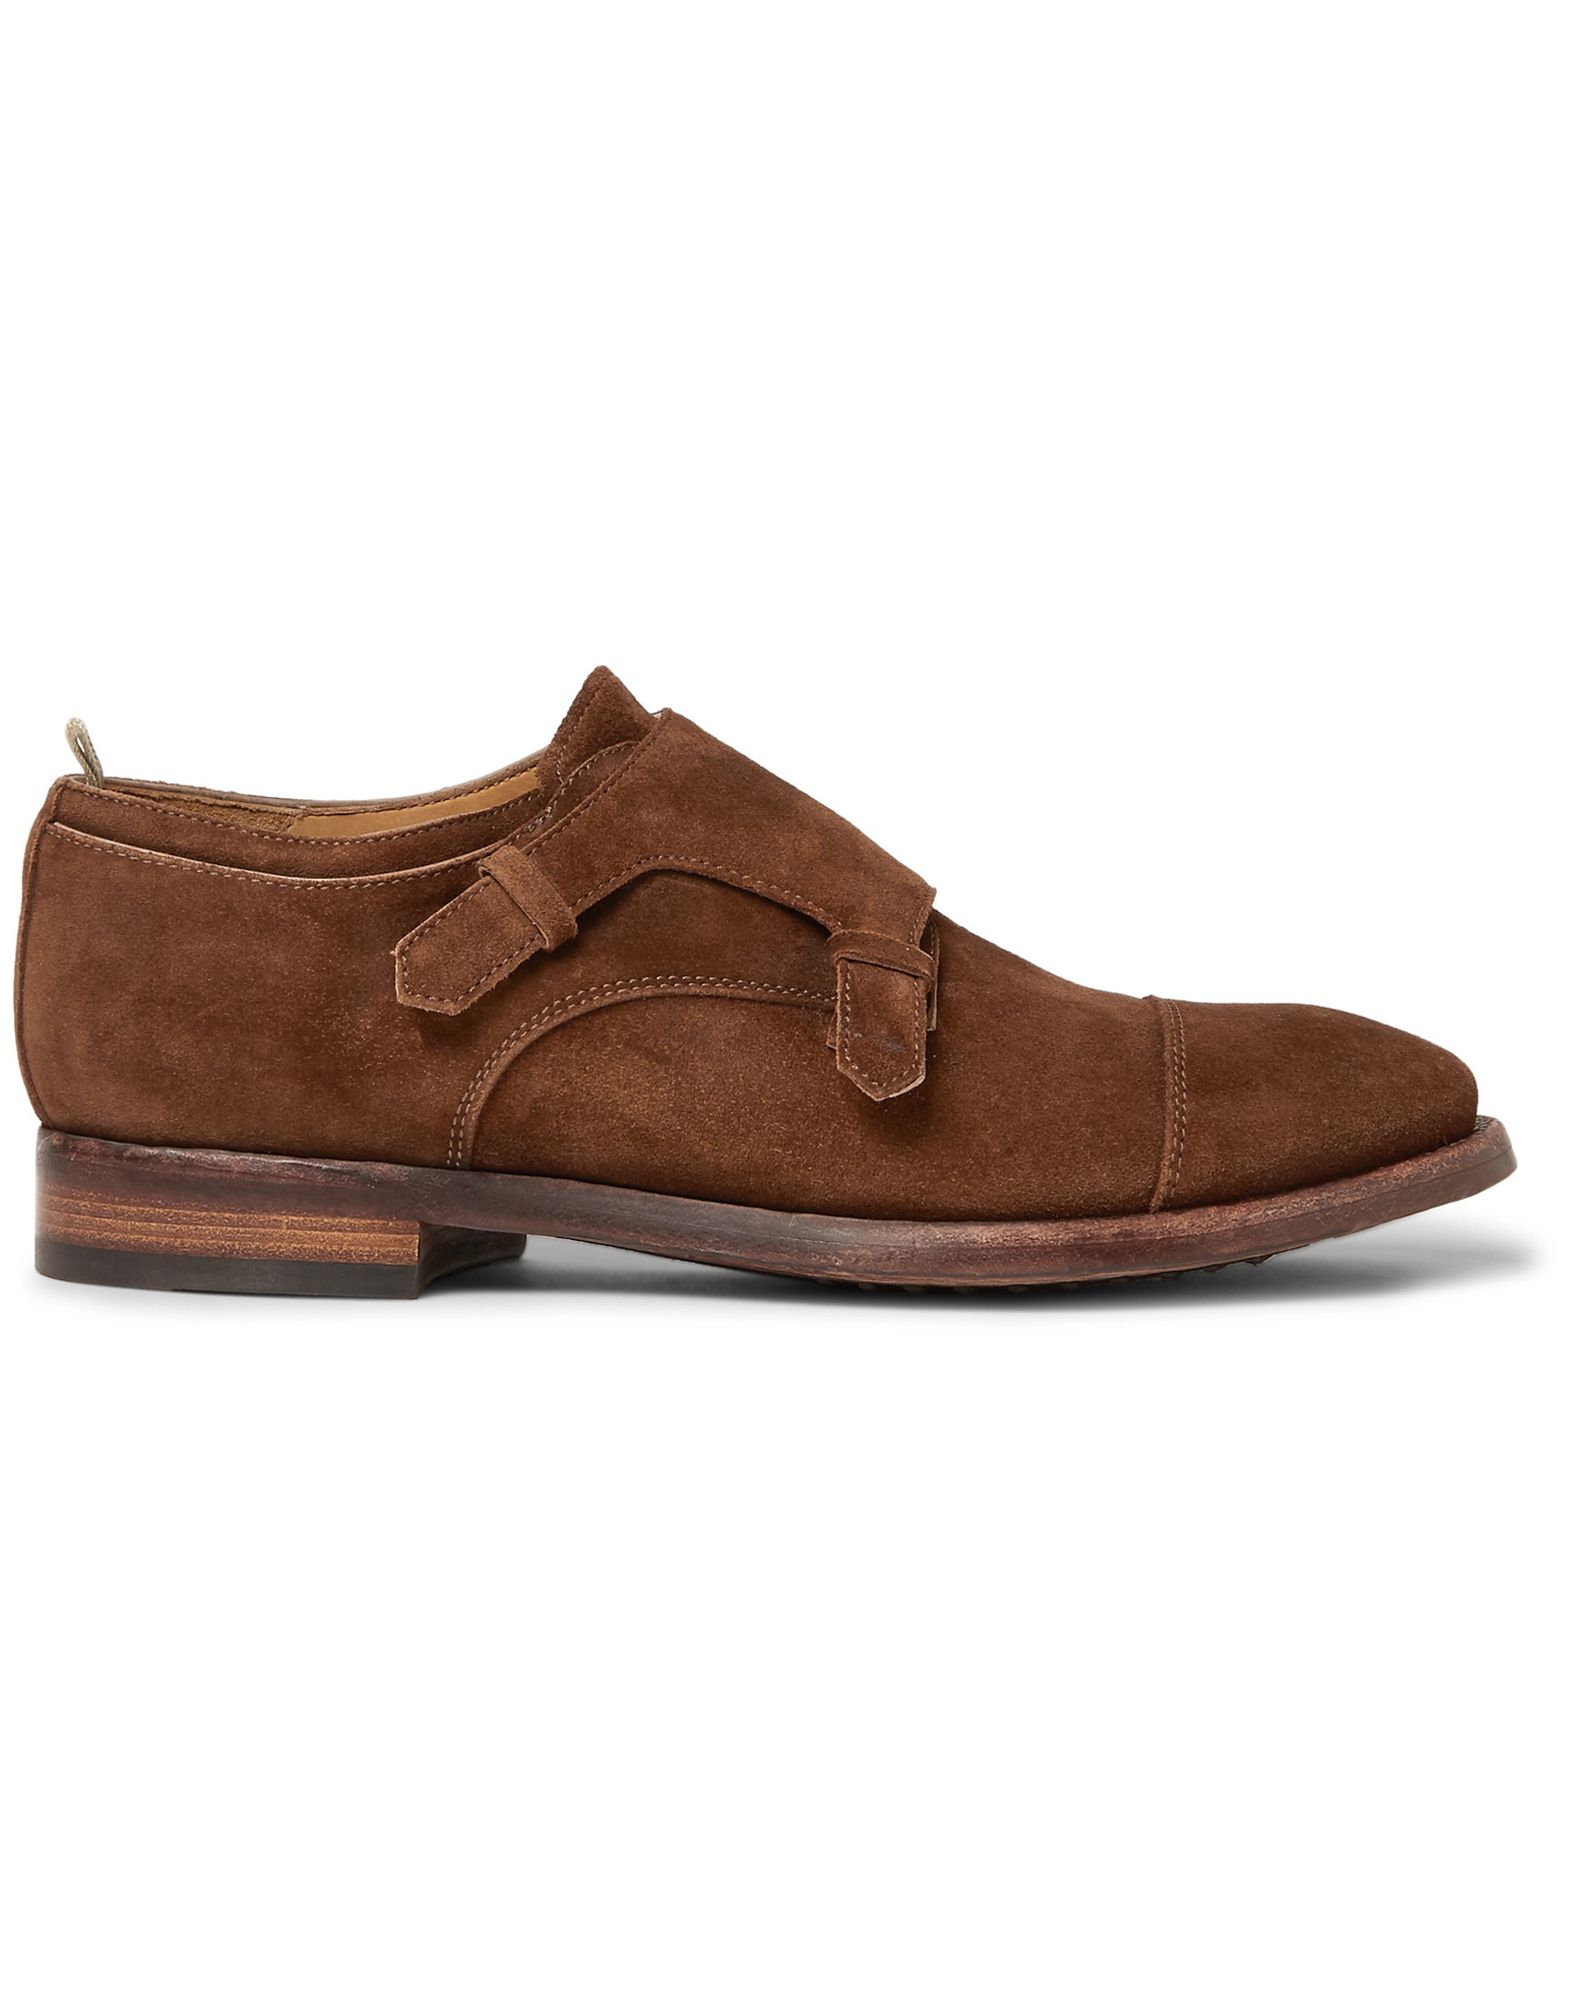 Officine Creative Italia Mokassins Herren  11540292TL Gute Qualität beliebte Schuhe